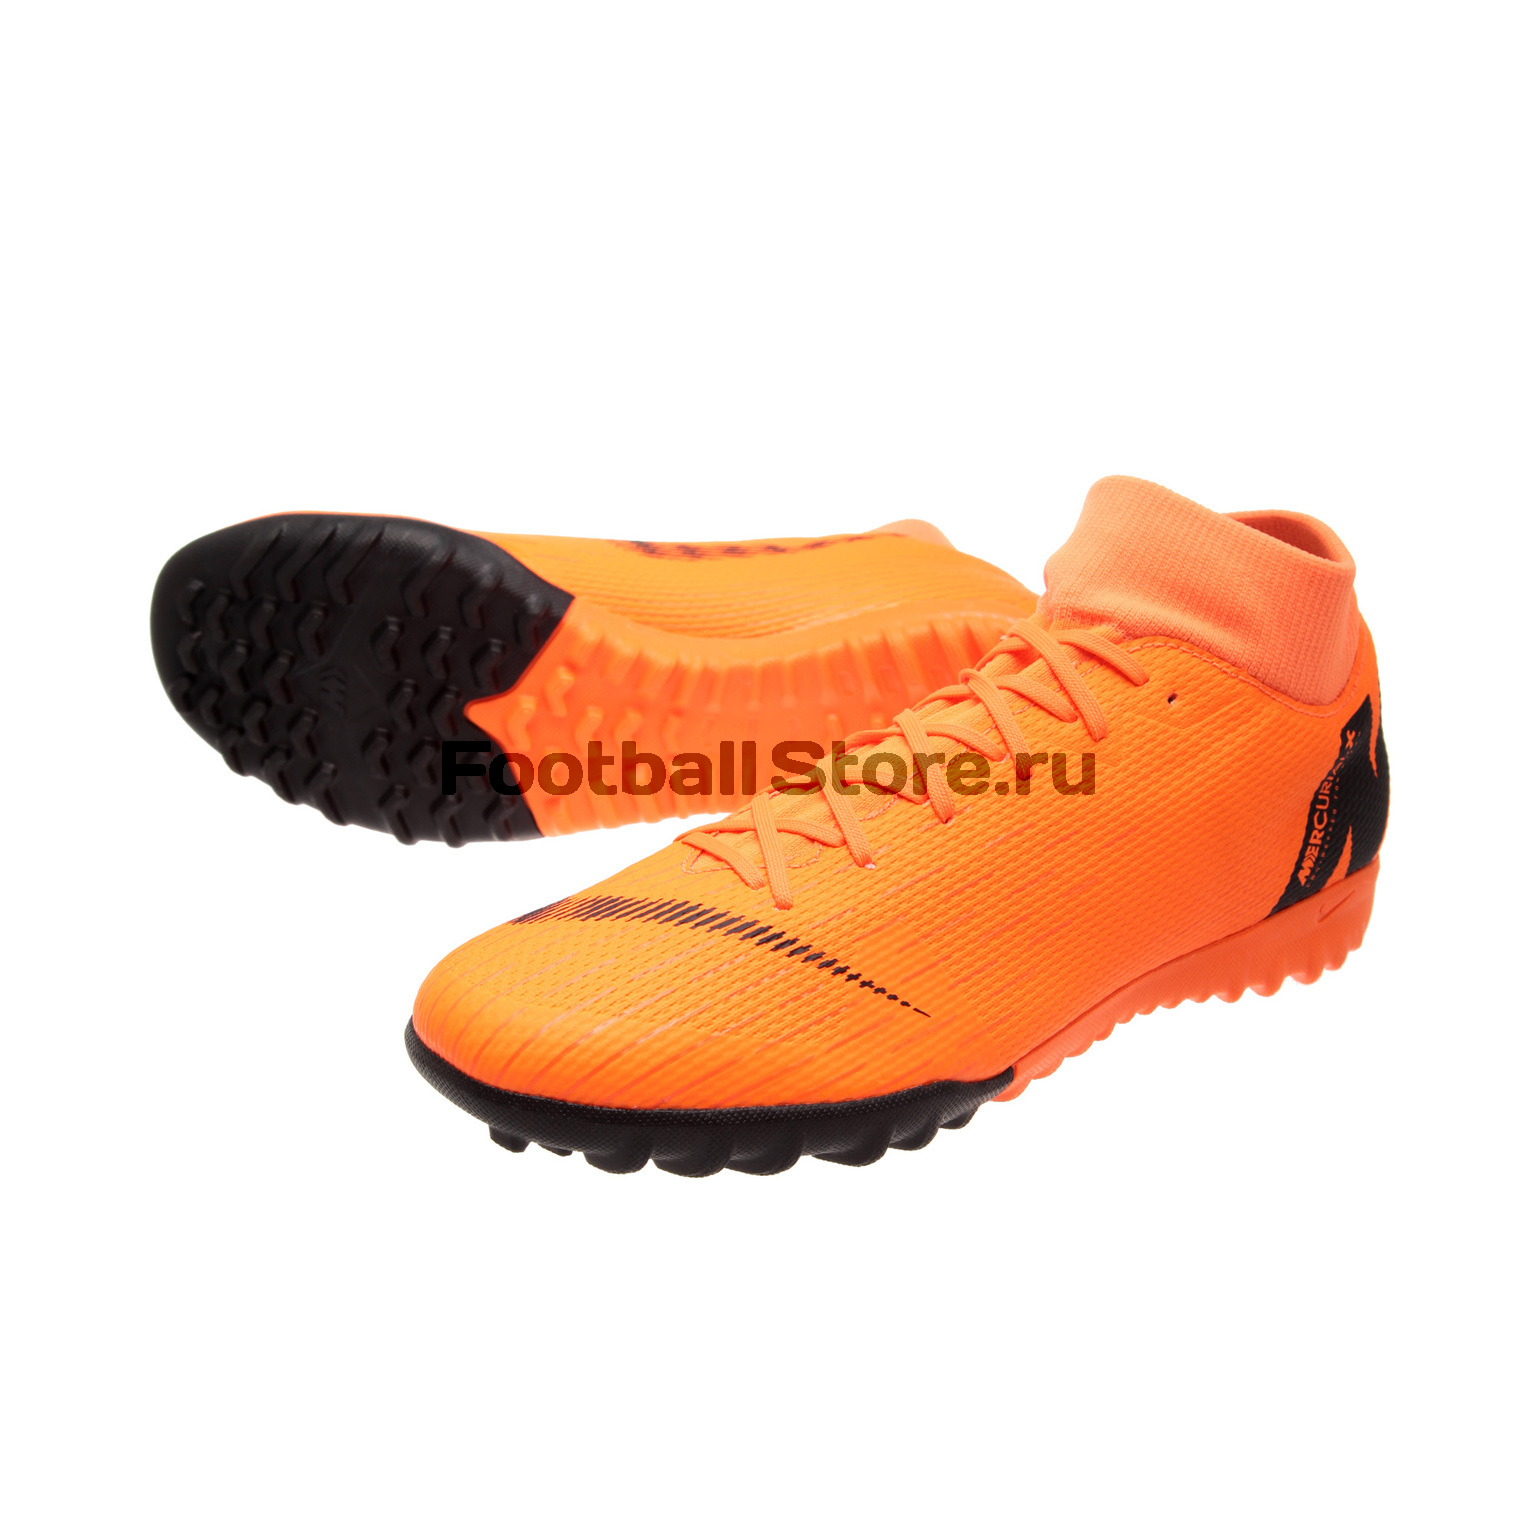 b5e24dd1 Шиповки Nike SuperFly X 6 Academy TF AH7370-810 – купить шиповки в ...